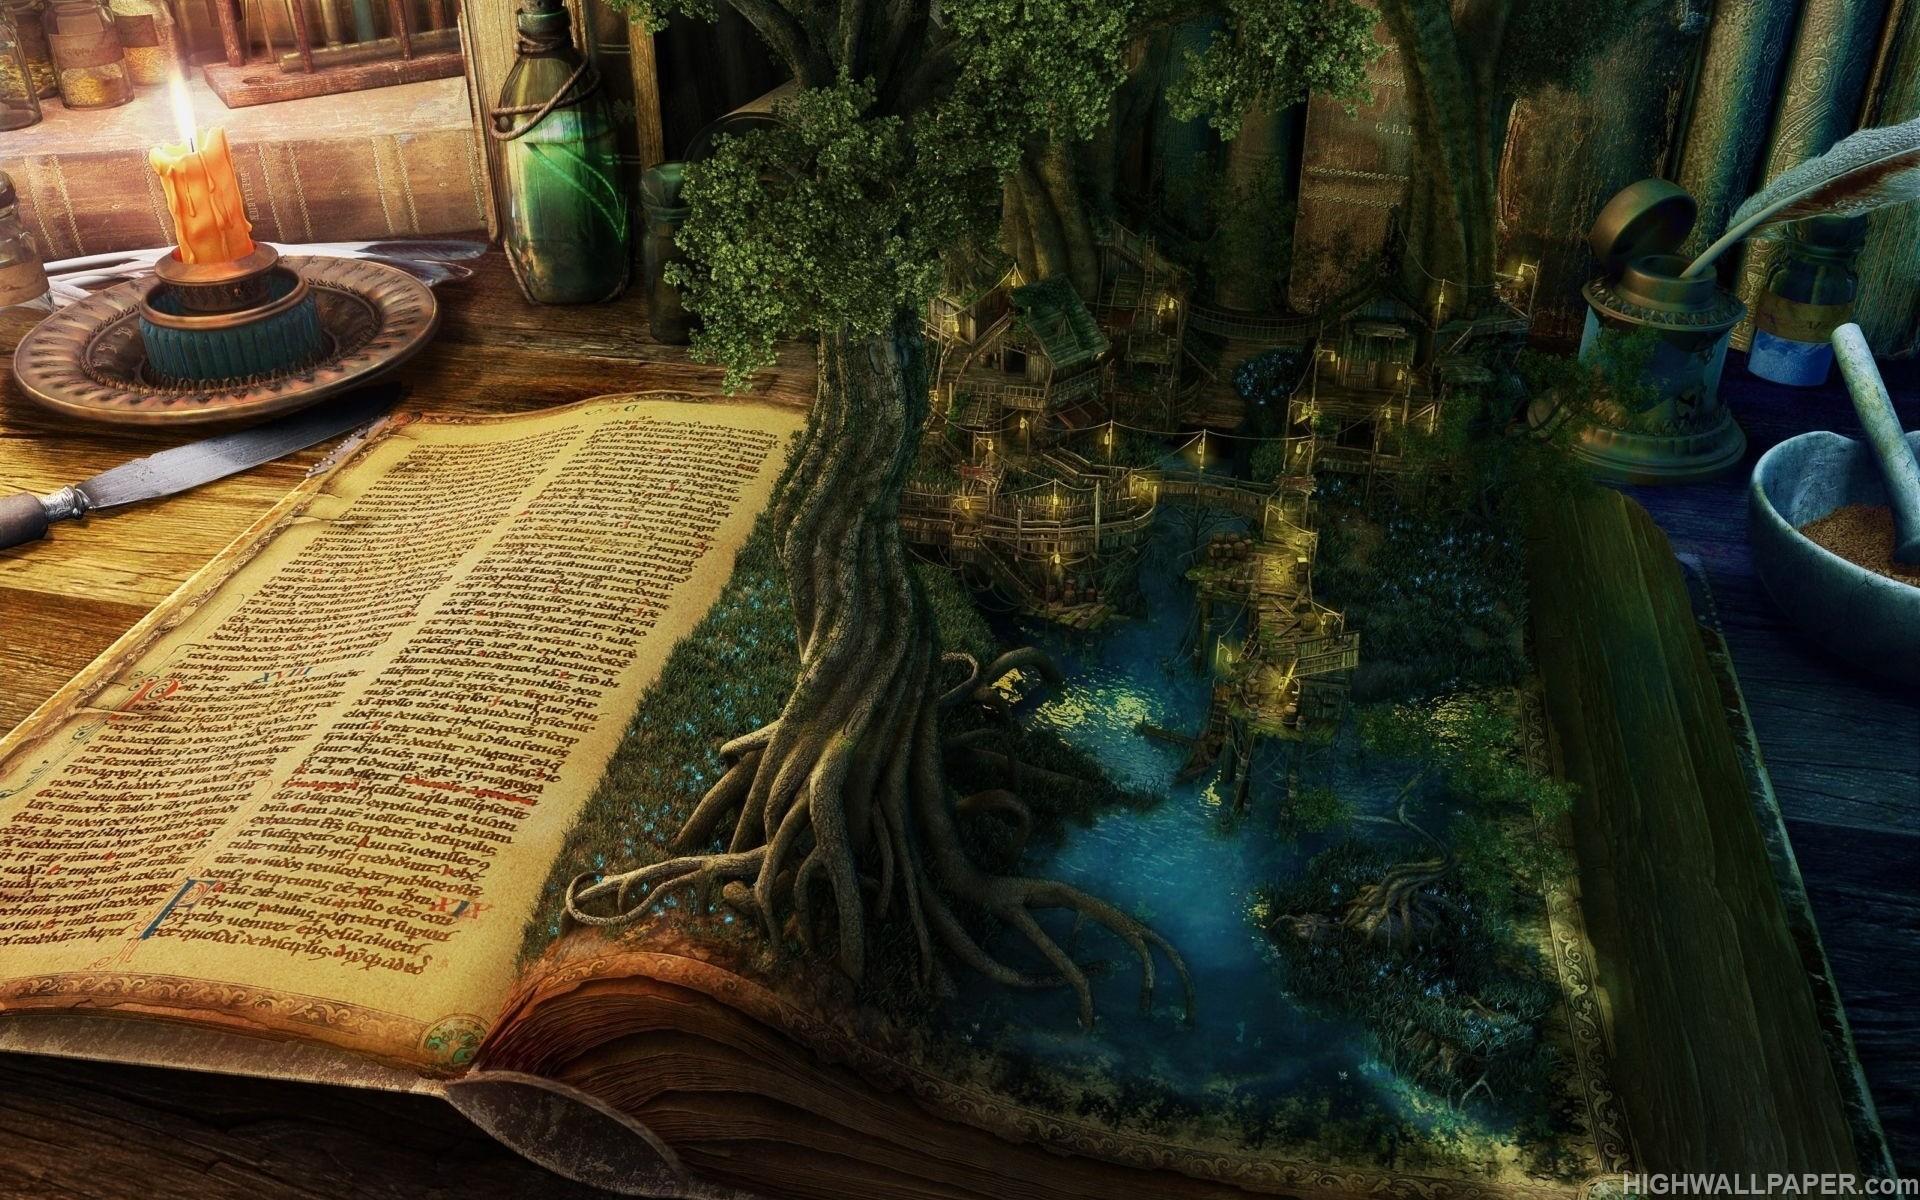 Fantasy Book Tree and City